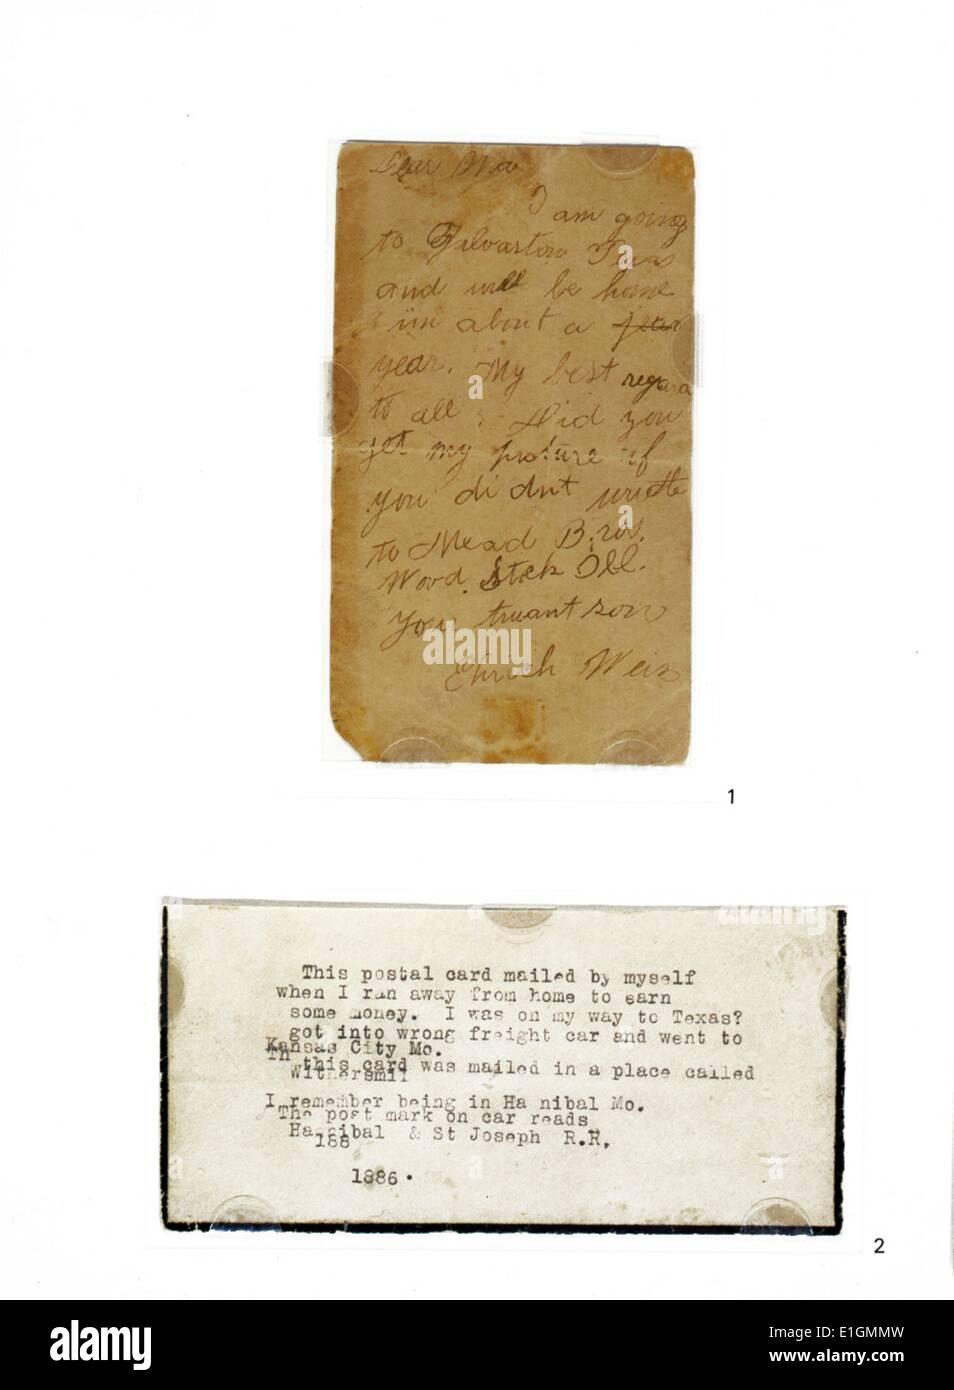 Postkarte von Harry Houdini (Ehrich Weiss) 1874-1926, zu seiner Mutter, 1886. Im Alter von zwölf Jahren, Ehrich Weiss lief von zu Hause weg um Geld zu verdienen und bittere Armut seiner Familie zu lindern. Dies ist die früheste Stichprobe von Houdini der Handschrift in den Sammlungen der Bibliothek des Kongresses und ist von einem später eingegebene Kommentar von der Magier ergänzt Stockfoto